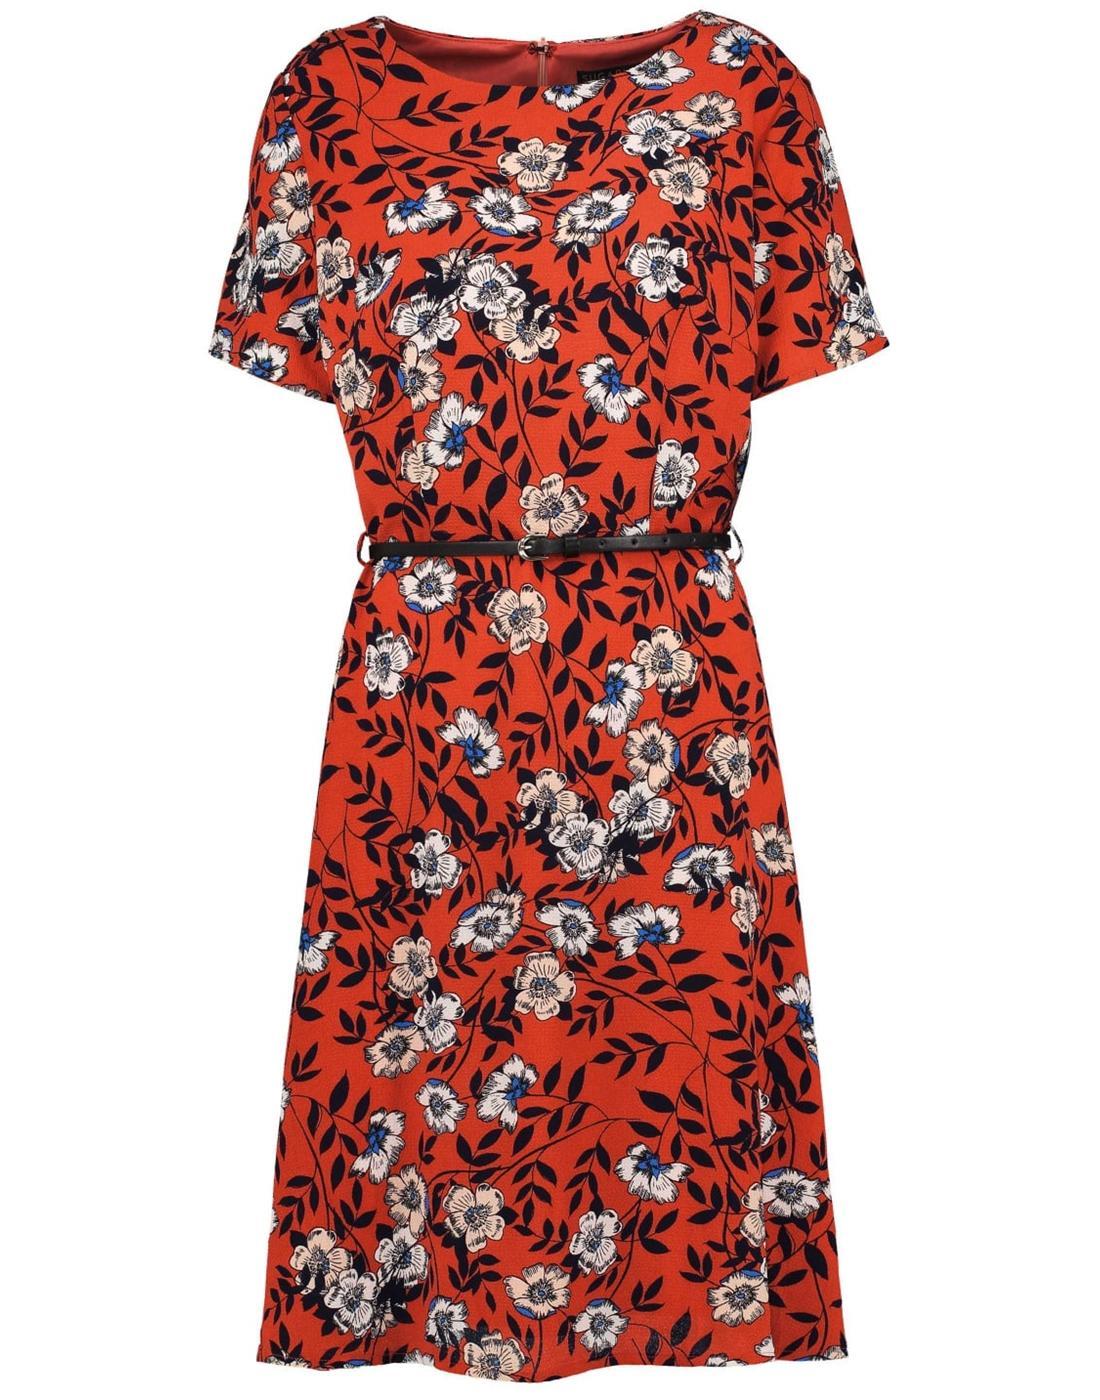 Ohara SUGARHILL BOUTIQUE Retro Floral Tea Dress R